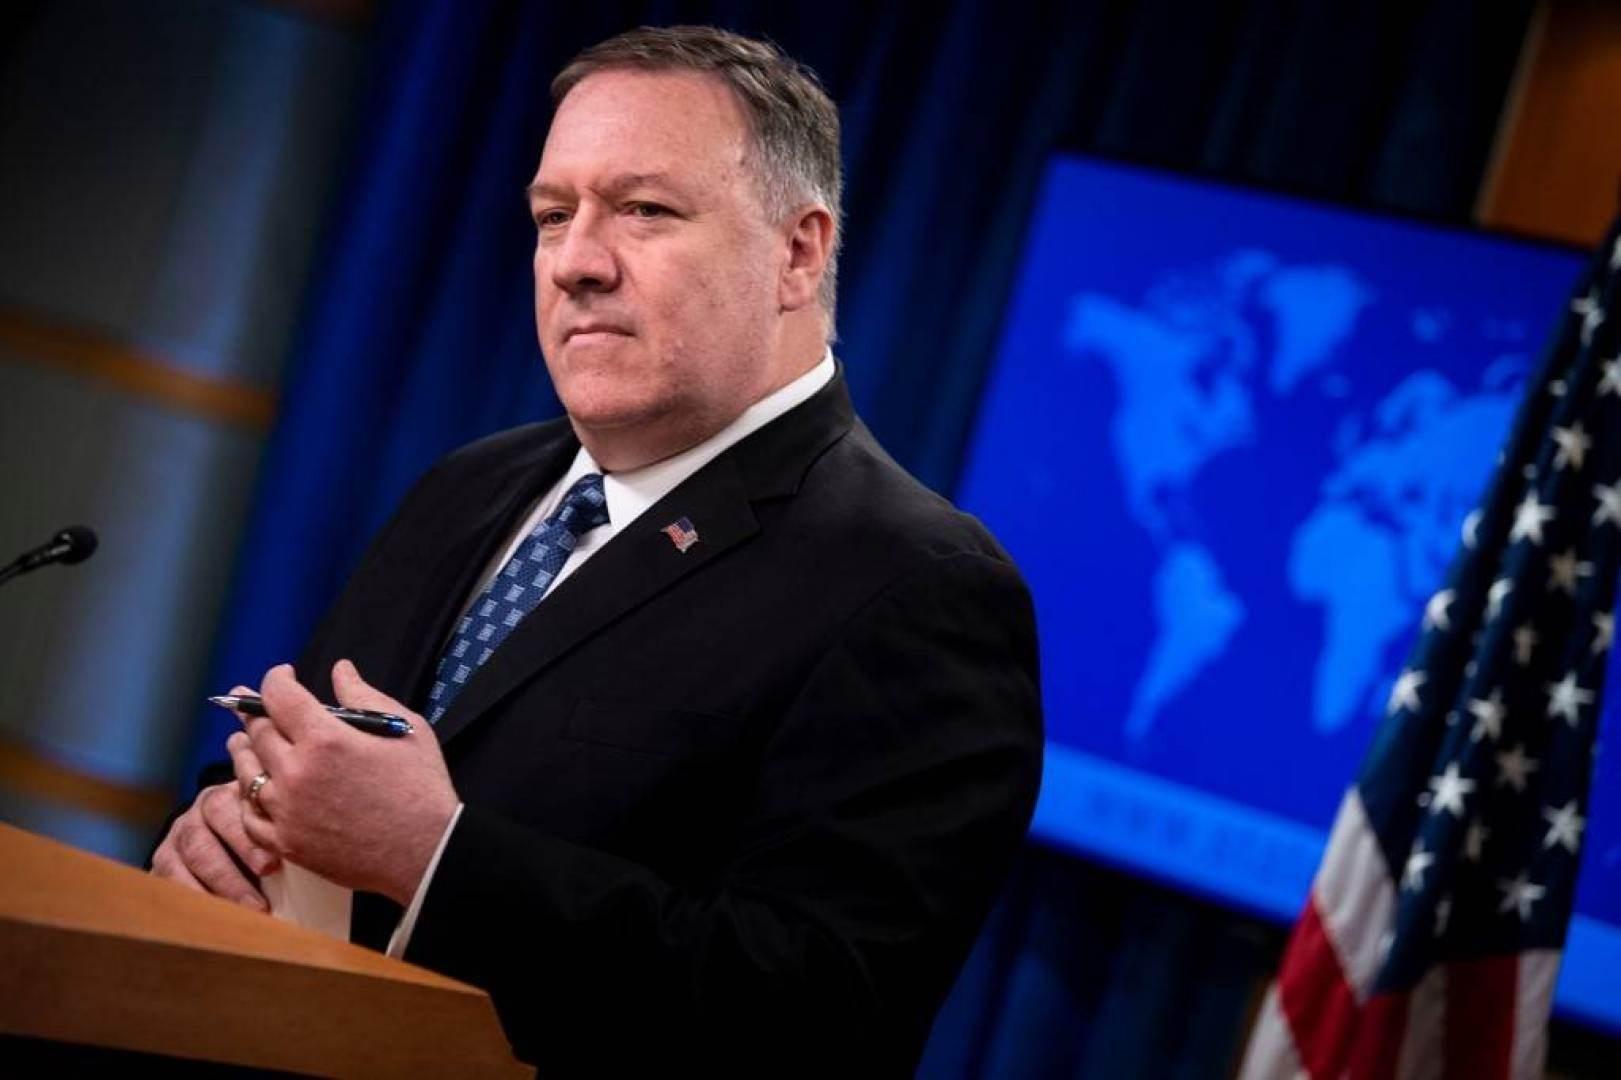 واشنطن تفرض عقوبات على شركات صينية وروسية متهمة بدعم برنامج إيران النووي